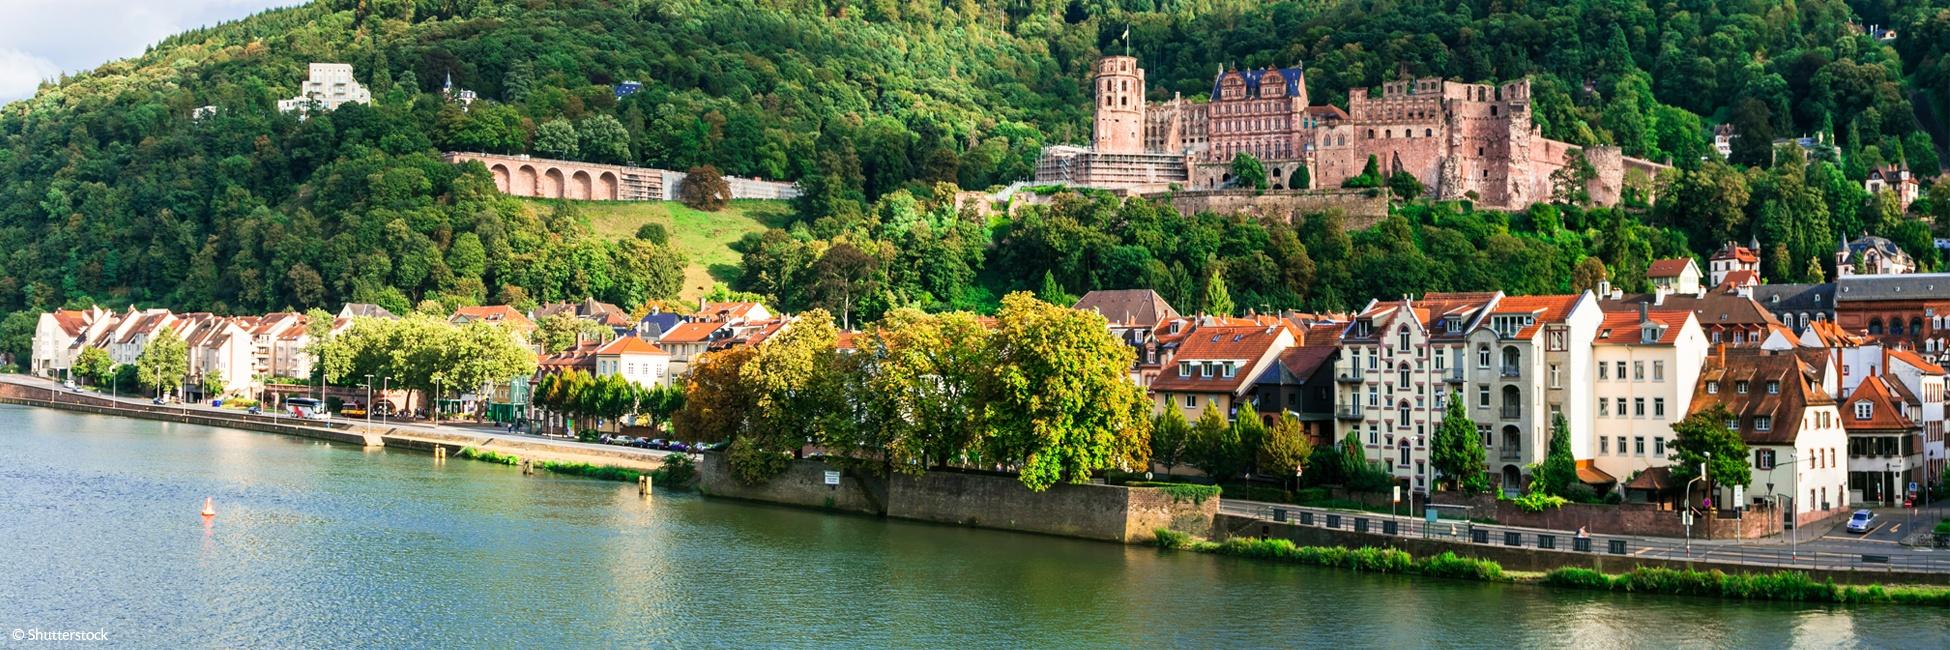 4 fleuves : Les vallées du Neckar, du Rhin romantique, de